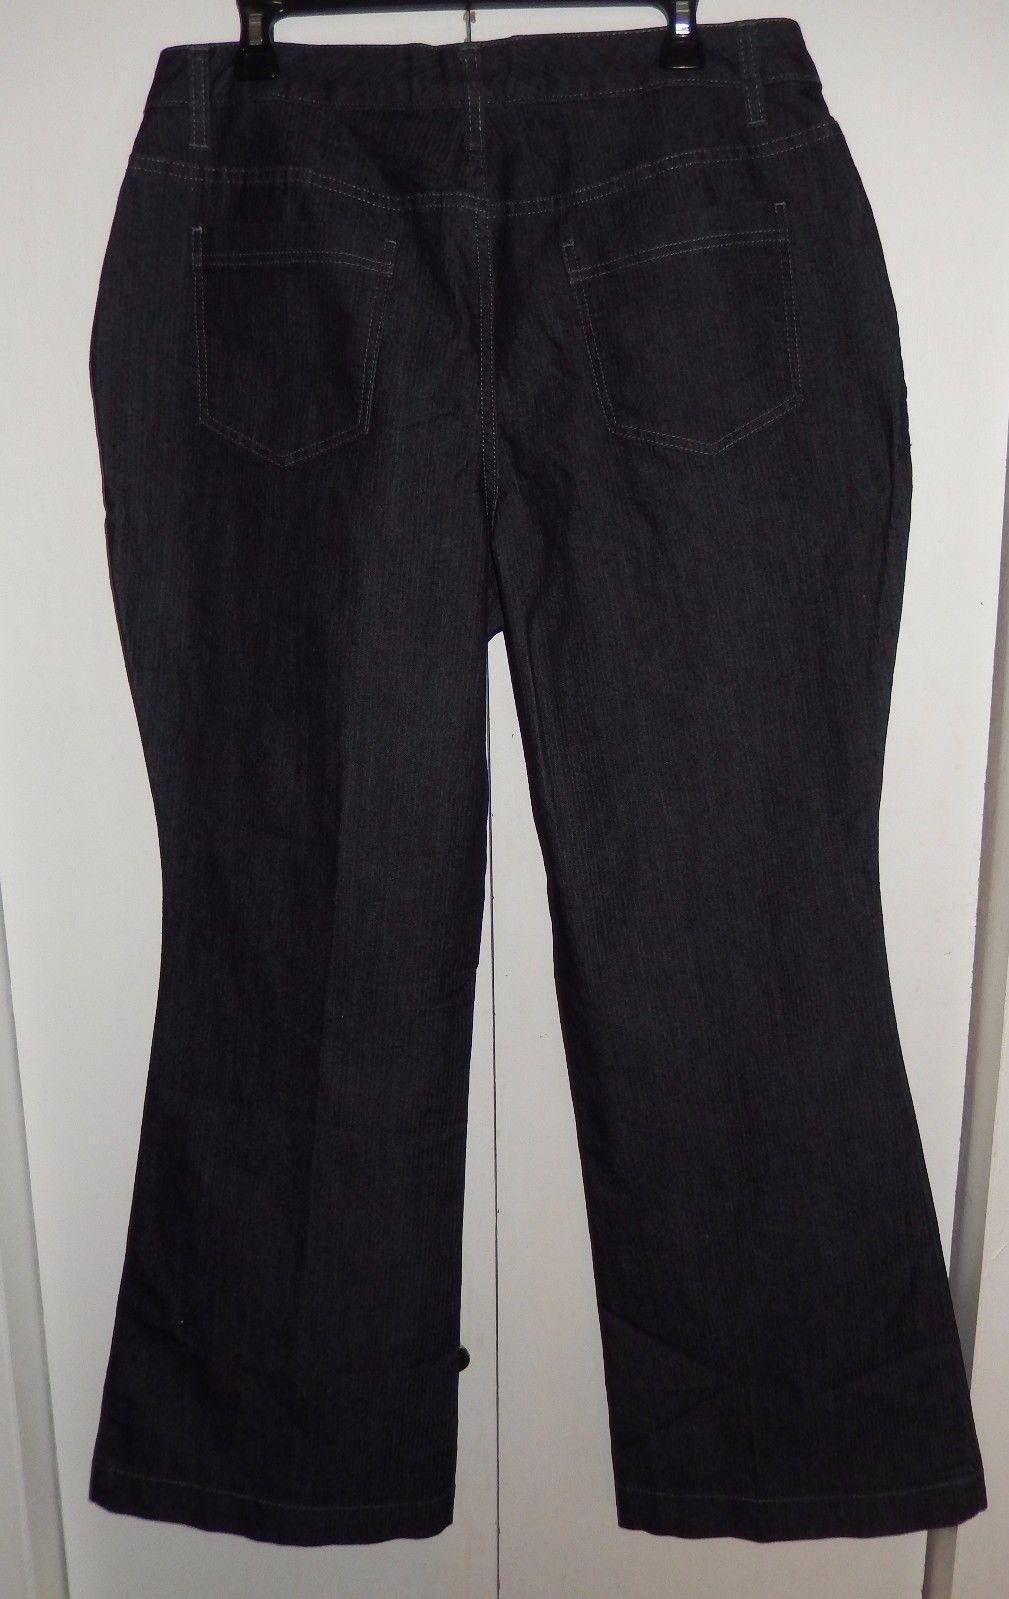 NEW A.N.A Modern Fit Low Rise Pin Strip Denim Trouser Pants Size 18W (38 x 31)